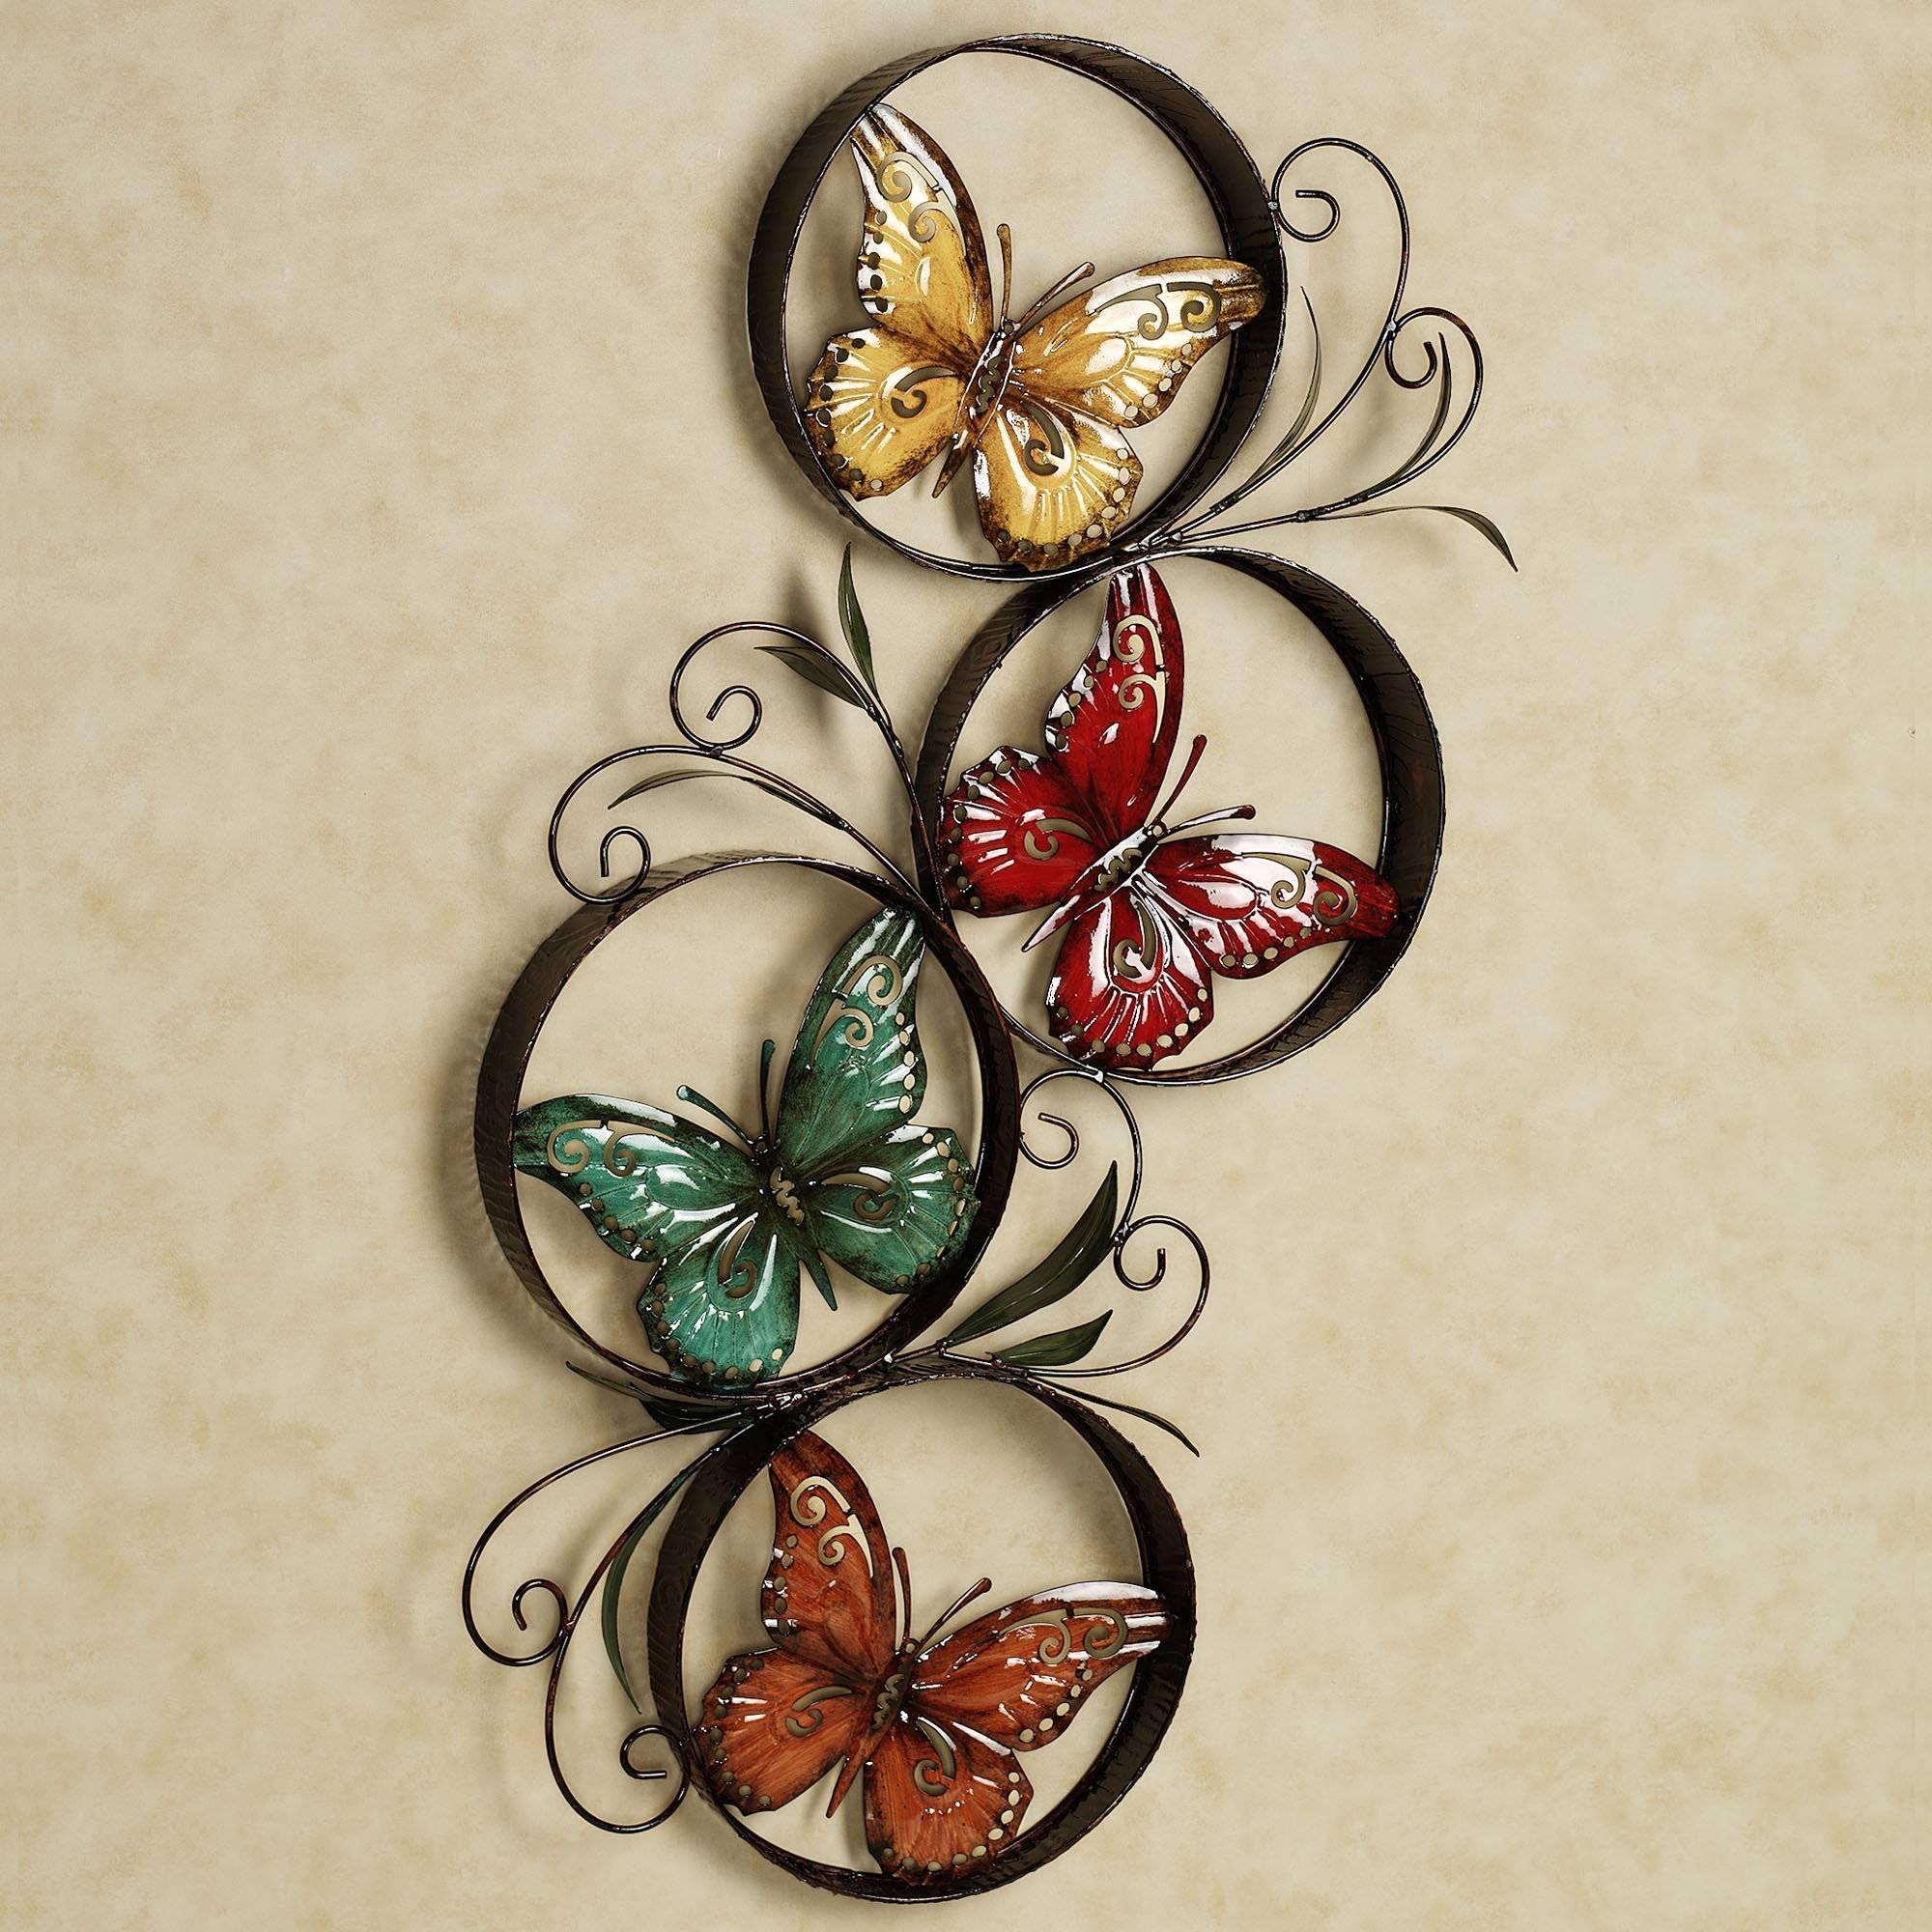 Butterfly Jubilee Metal Wall Art – Clip Art Library In Most Up To Date Butterfly Metal Wall Art (View 4 of 20)